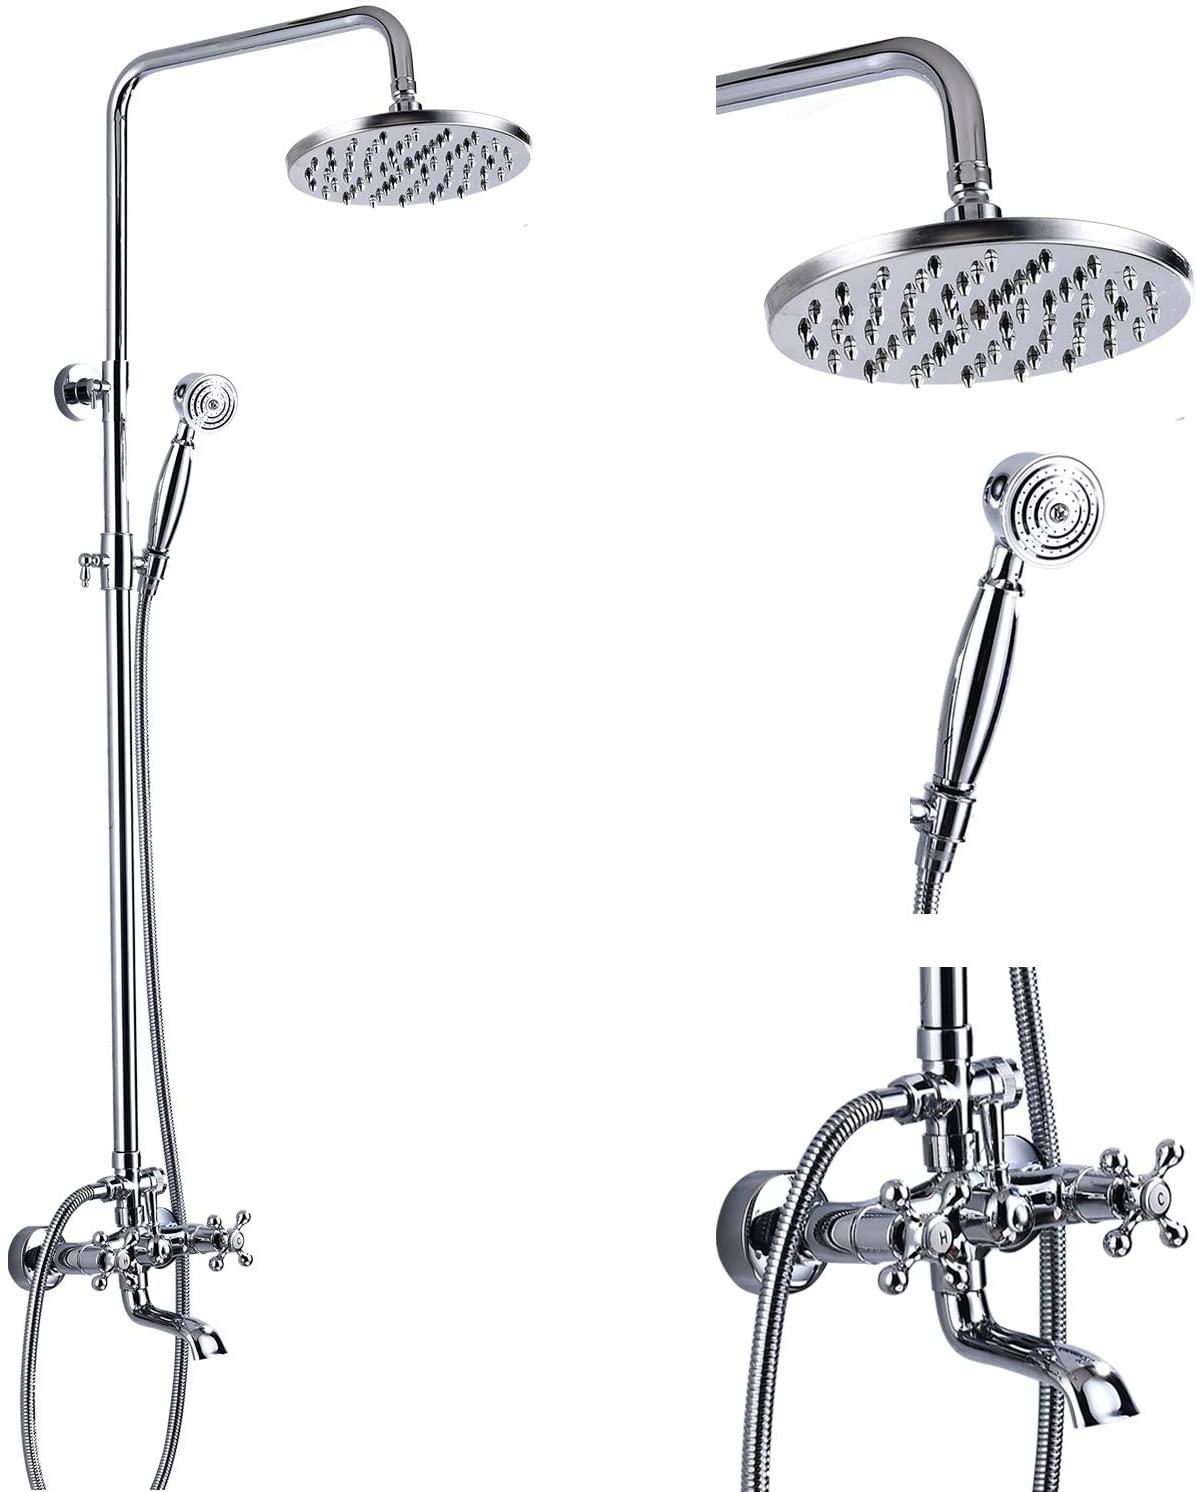 Shower Faucet Set 8 Rain Shower 2 Double Knobs Handle Chrome Polish Triple Function Tub Spout Shower Fixture Combo System Unit Set